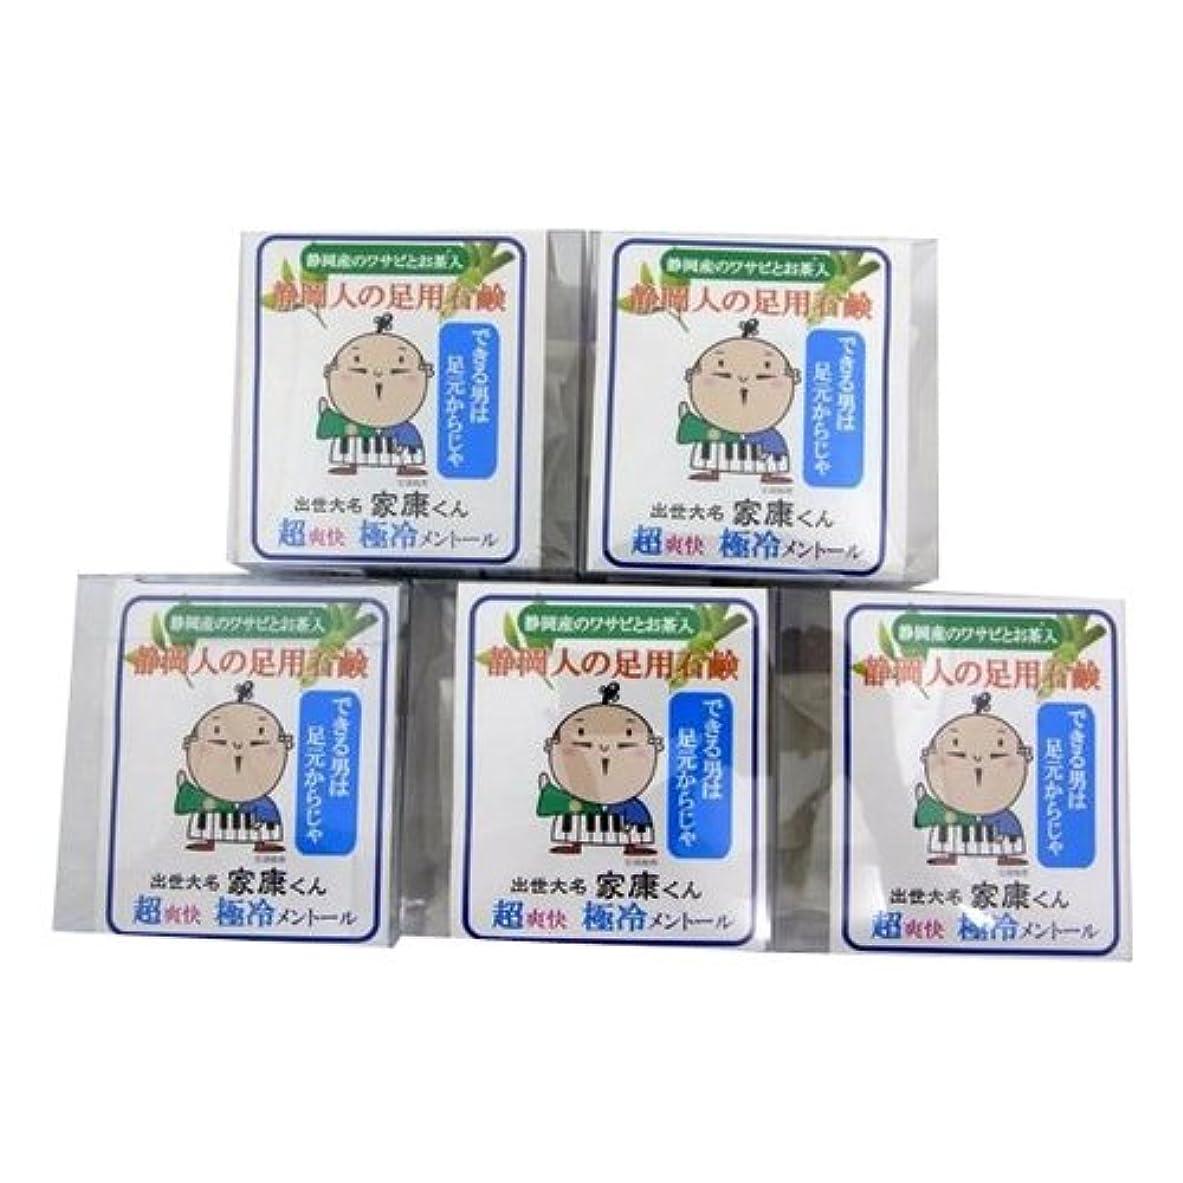 静的食料品店魅惑的なエコライフラボ 静岡人の足用石鹸60g (ネット付) 5個セット